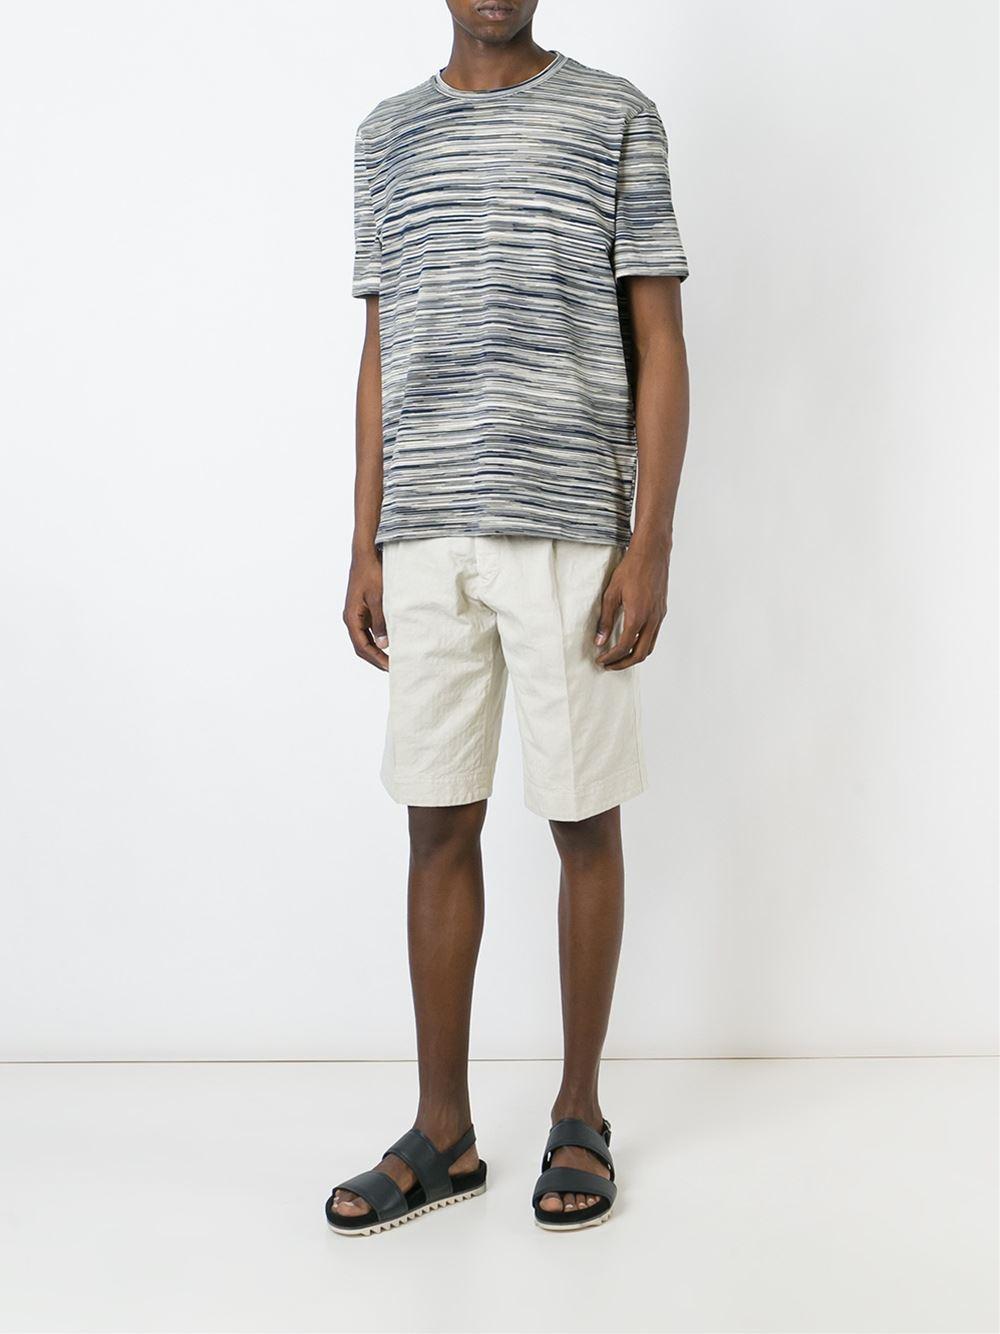 ハイブランド夏ファッションアイテム (17)